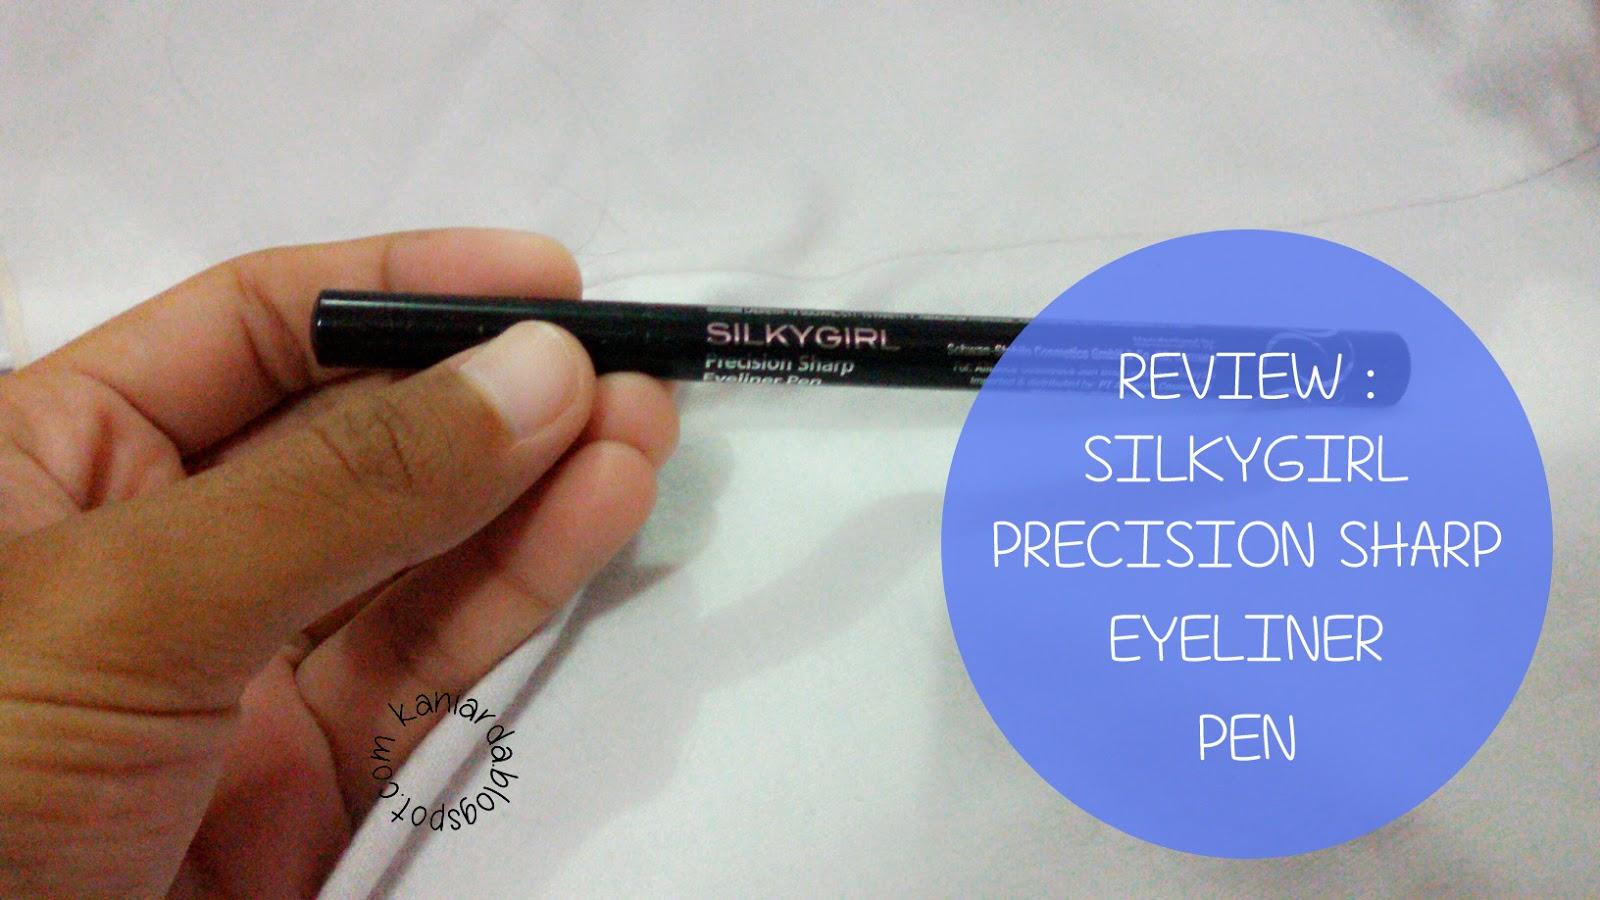 Silkygirl Precision Sharp Eyeliner Pen Spec Dan Daftar Harga Long Wearing 01 Black 143027 Hai Ladies Senengnya Bisa Blogging Lagi Akhir Ini Aku Super Sibuk